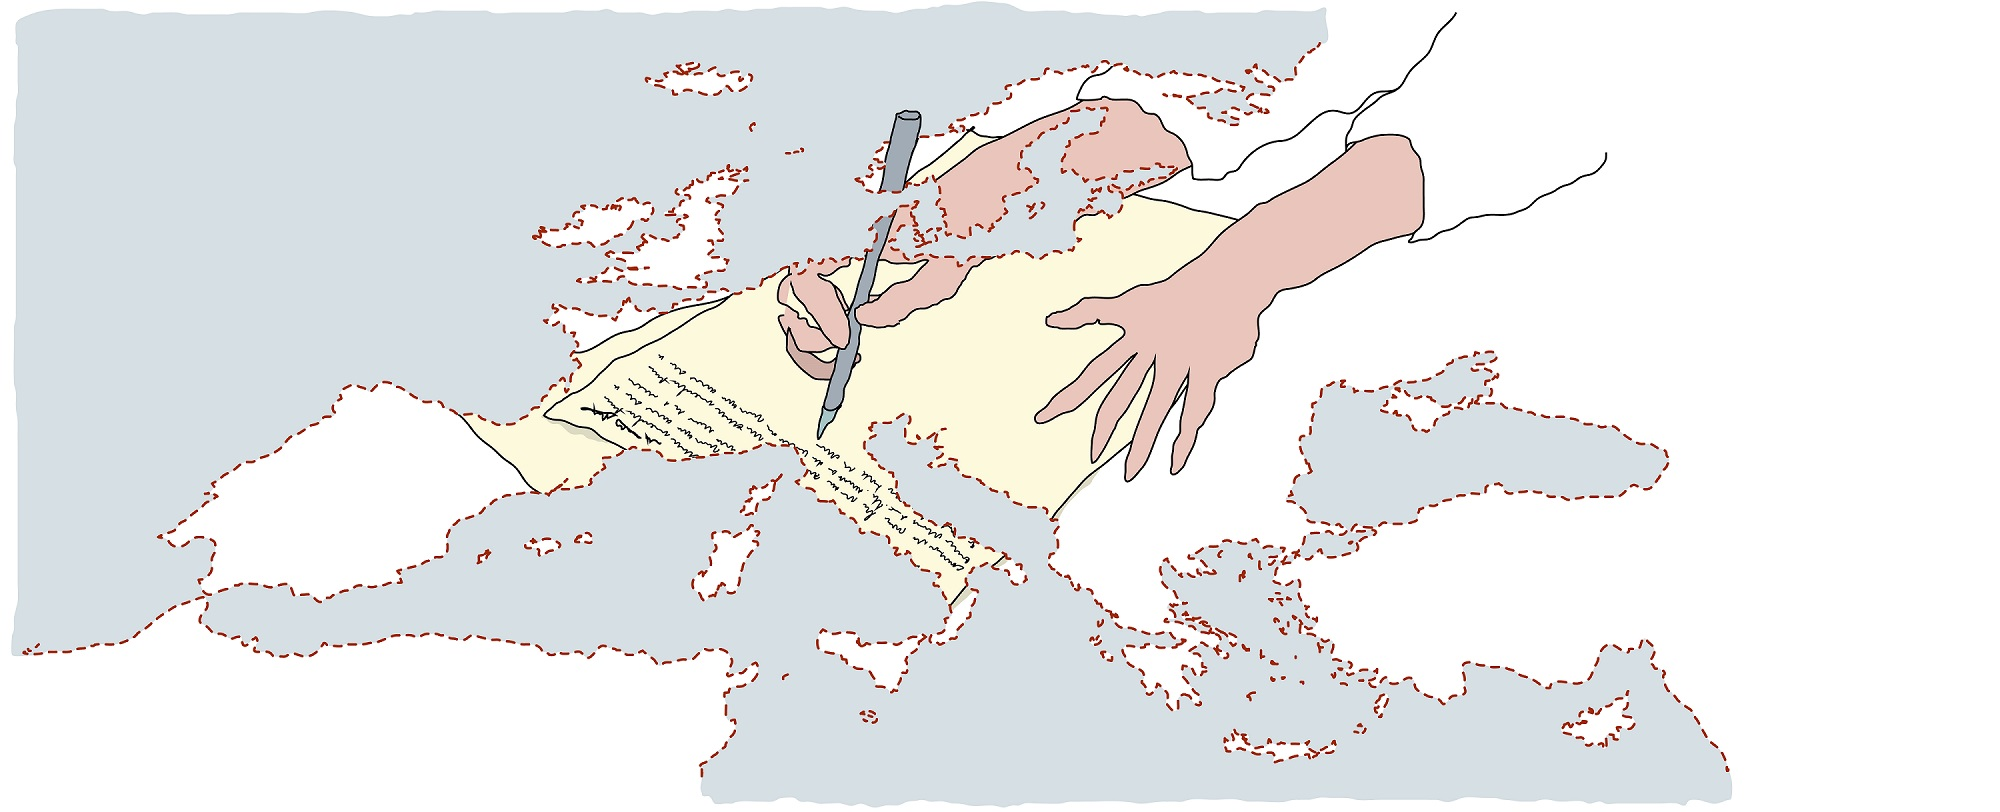 Dotze_ficcions_sobre_el_futur_Europa_Martí_Sales_revista_IDEES